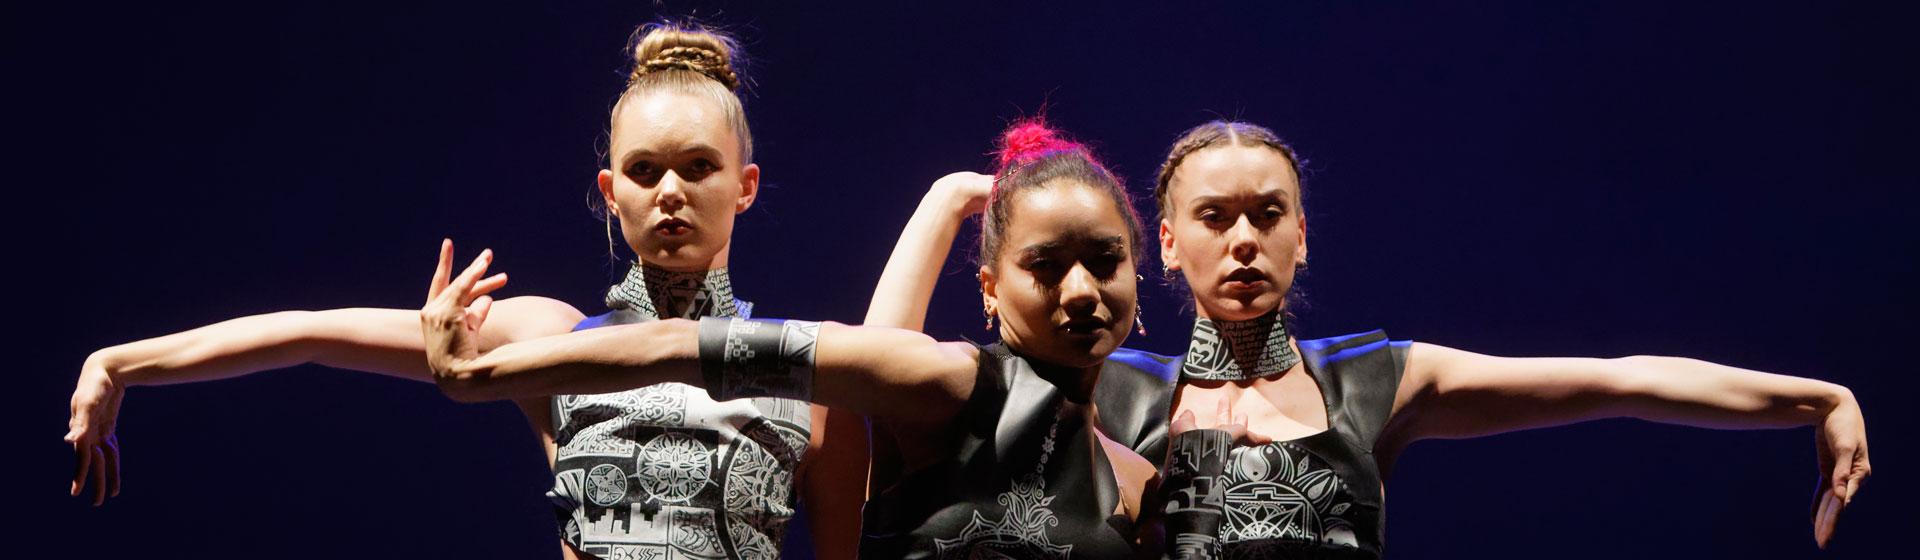 Sarada Sarita-Q4 Squaring the Circles-Dansmakers Amsterdam